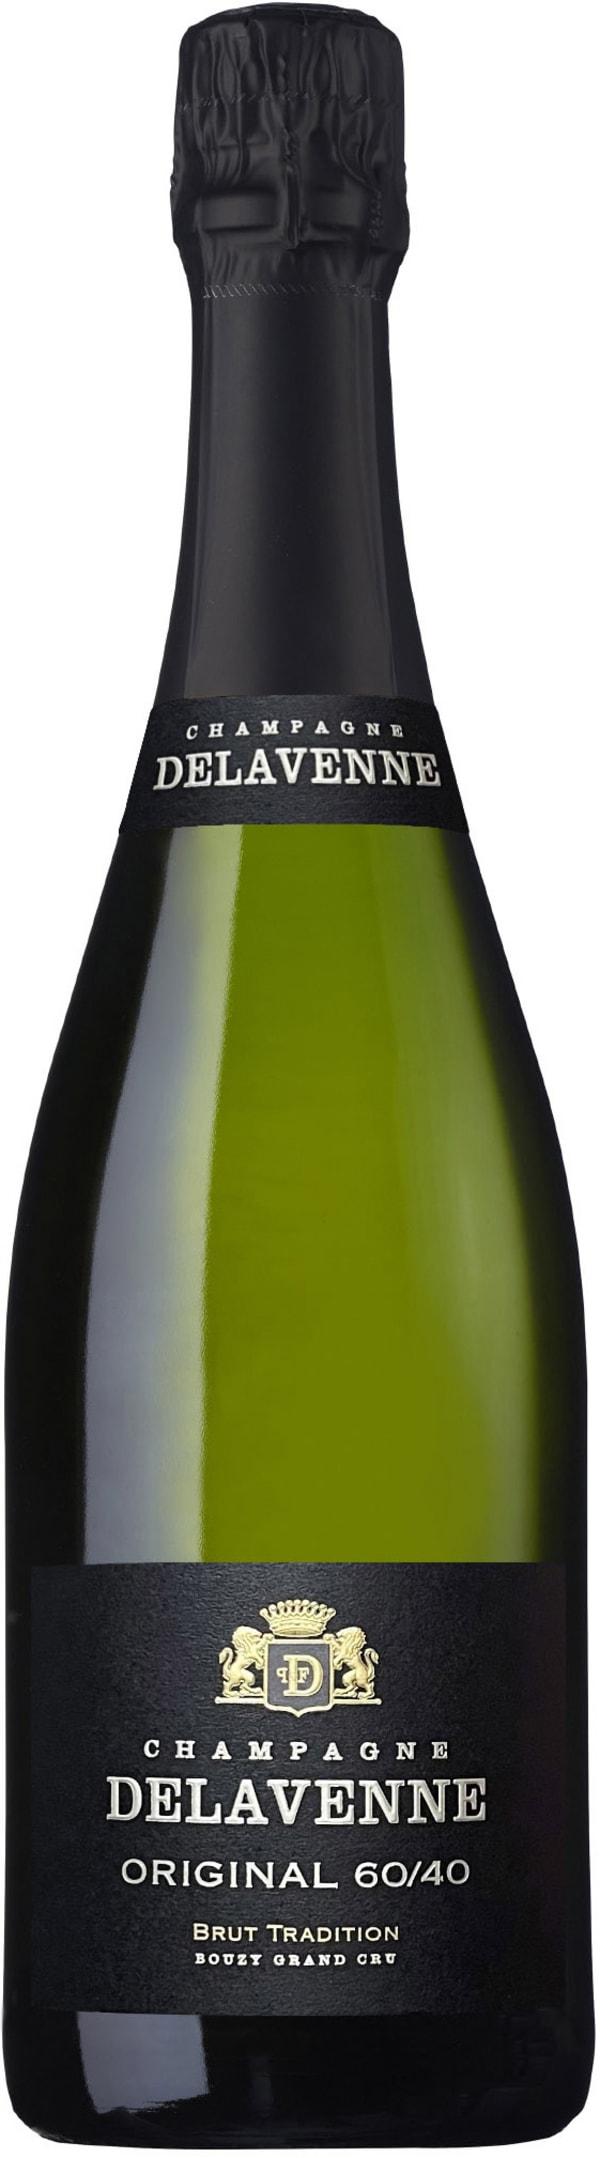 Delavenne Grand Cru Champagne Brut Tradition